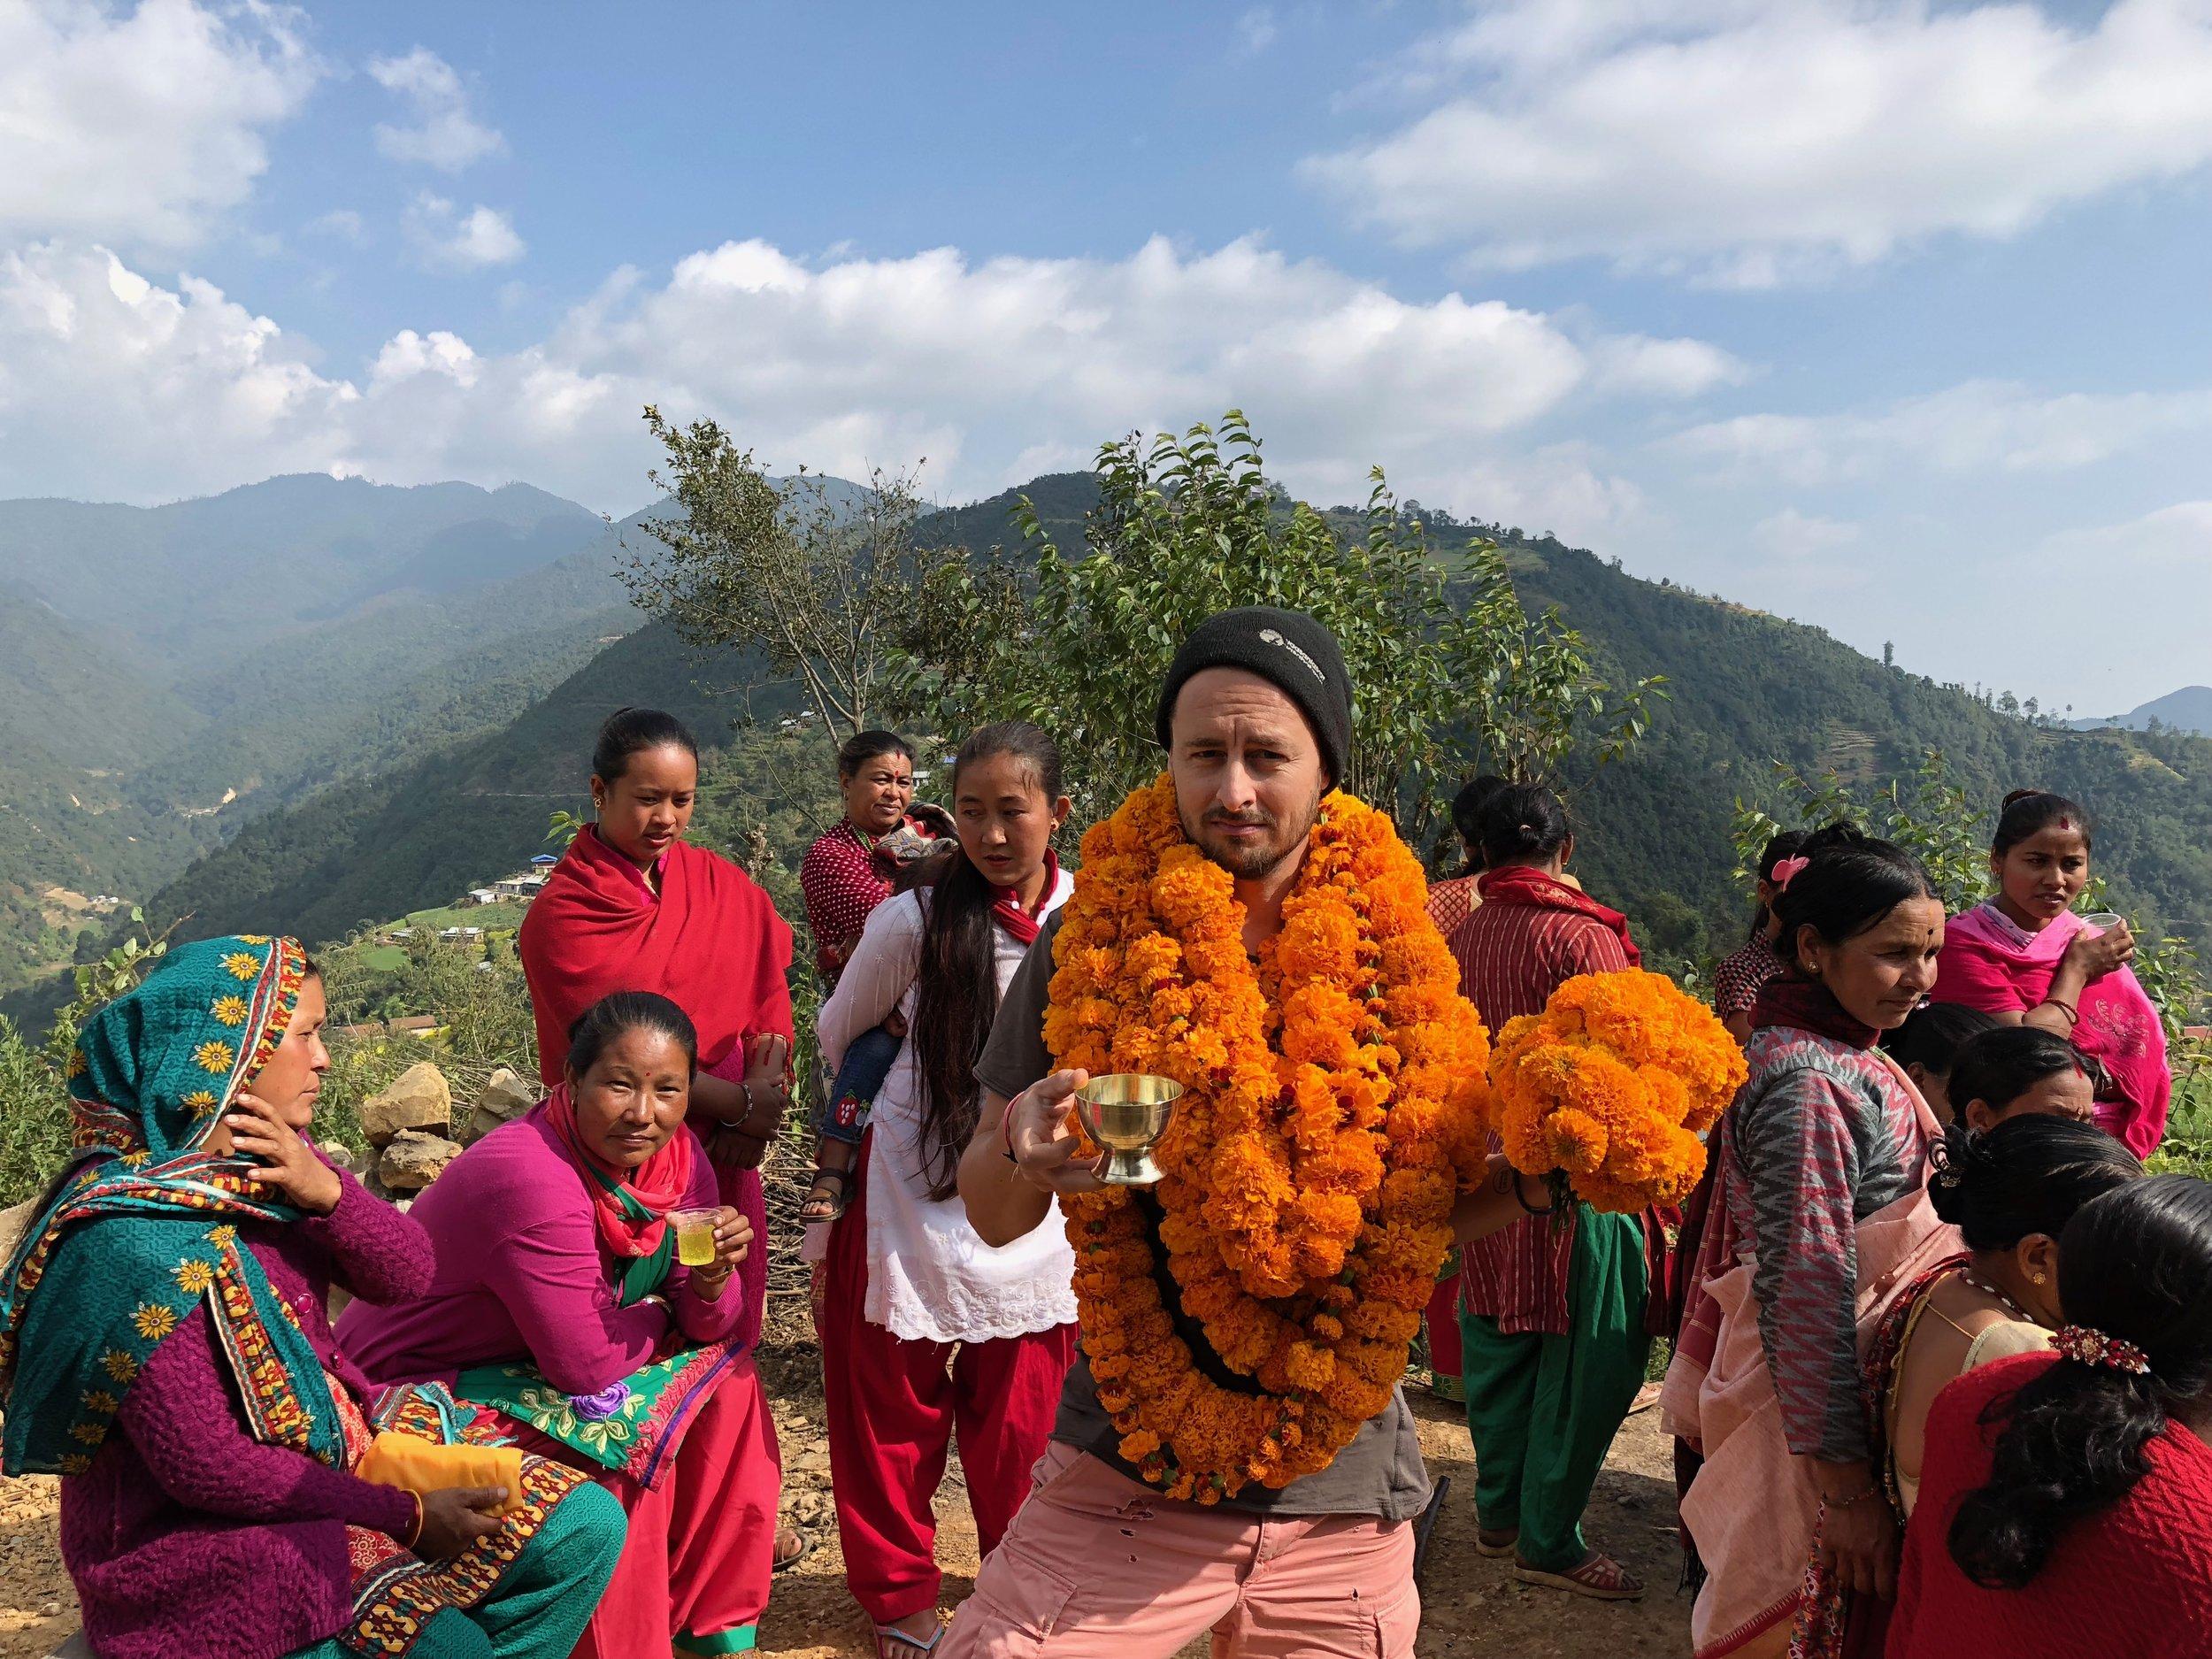 Manikhel welcoming kathamndu valley trekking nepal weather.jpg